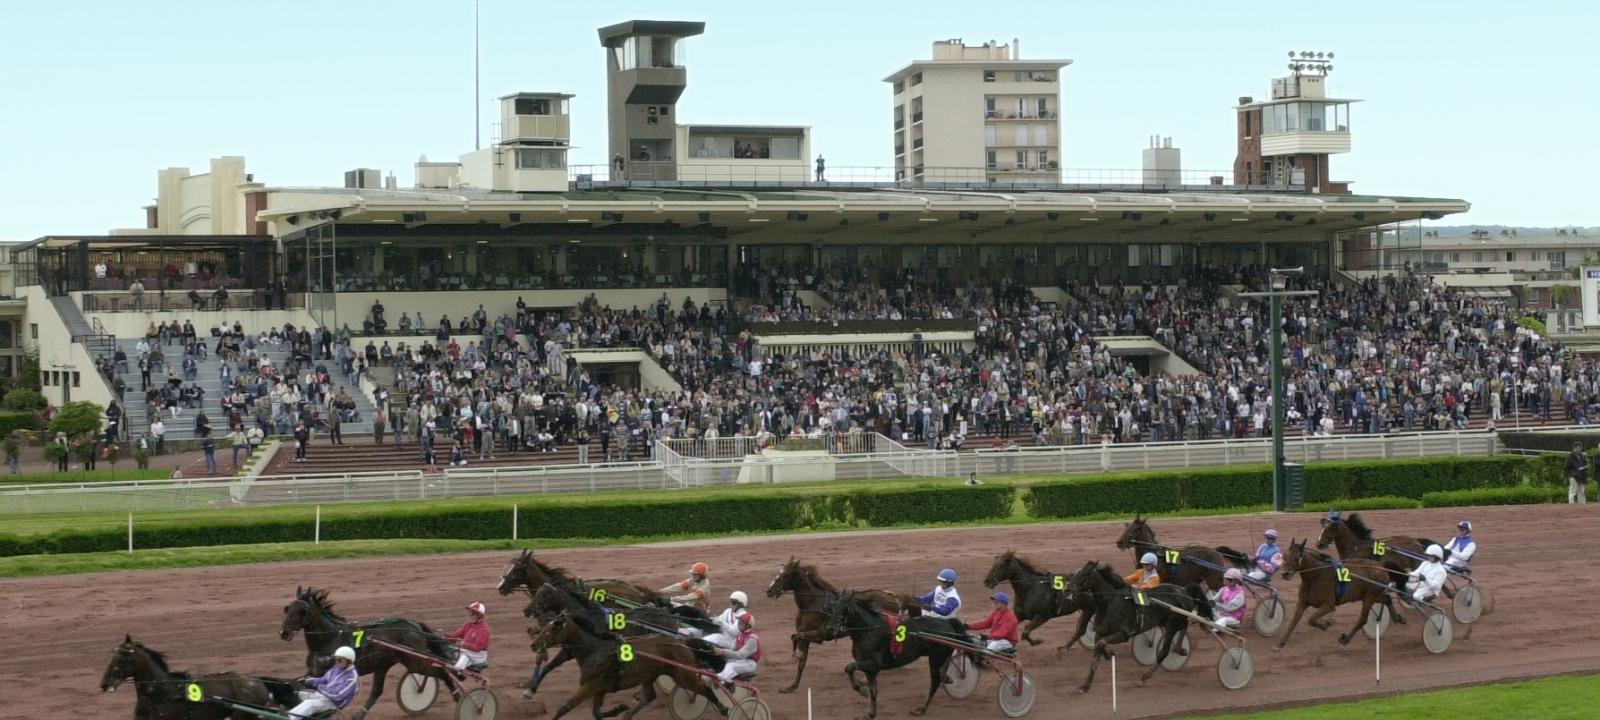 Photo prise à l'hippodrome d'Enghien Soisy lors d'une course de trot avec les spectateurs en arrière plan